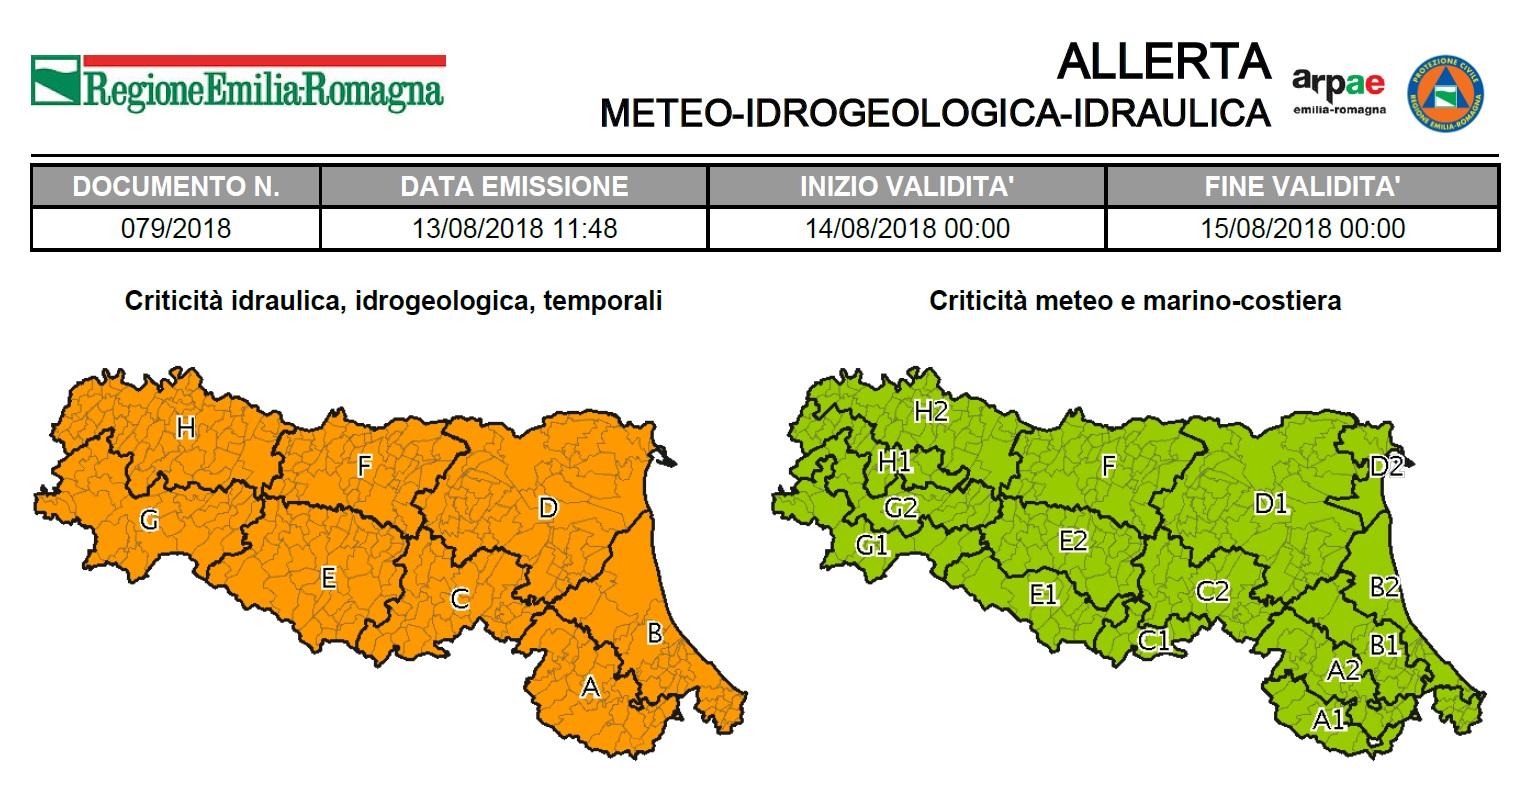 Allerta meteo della regione Emilia Romagna - Città di Vignola ... 5521962fab9